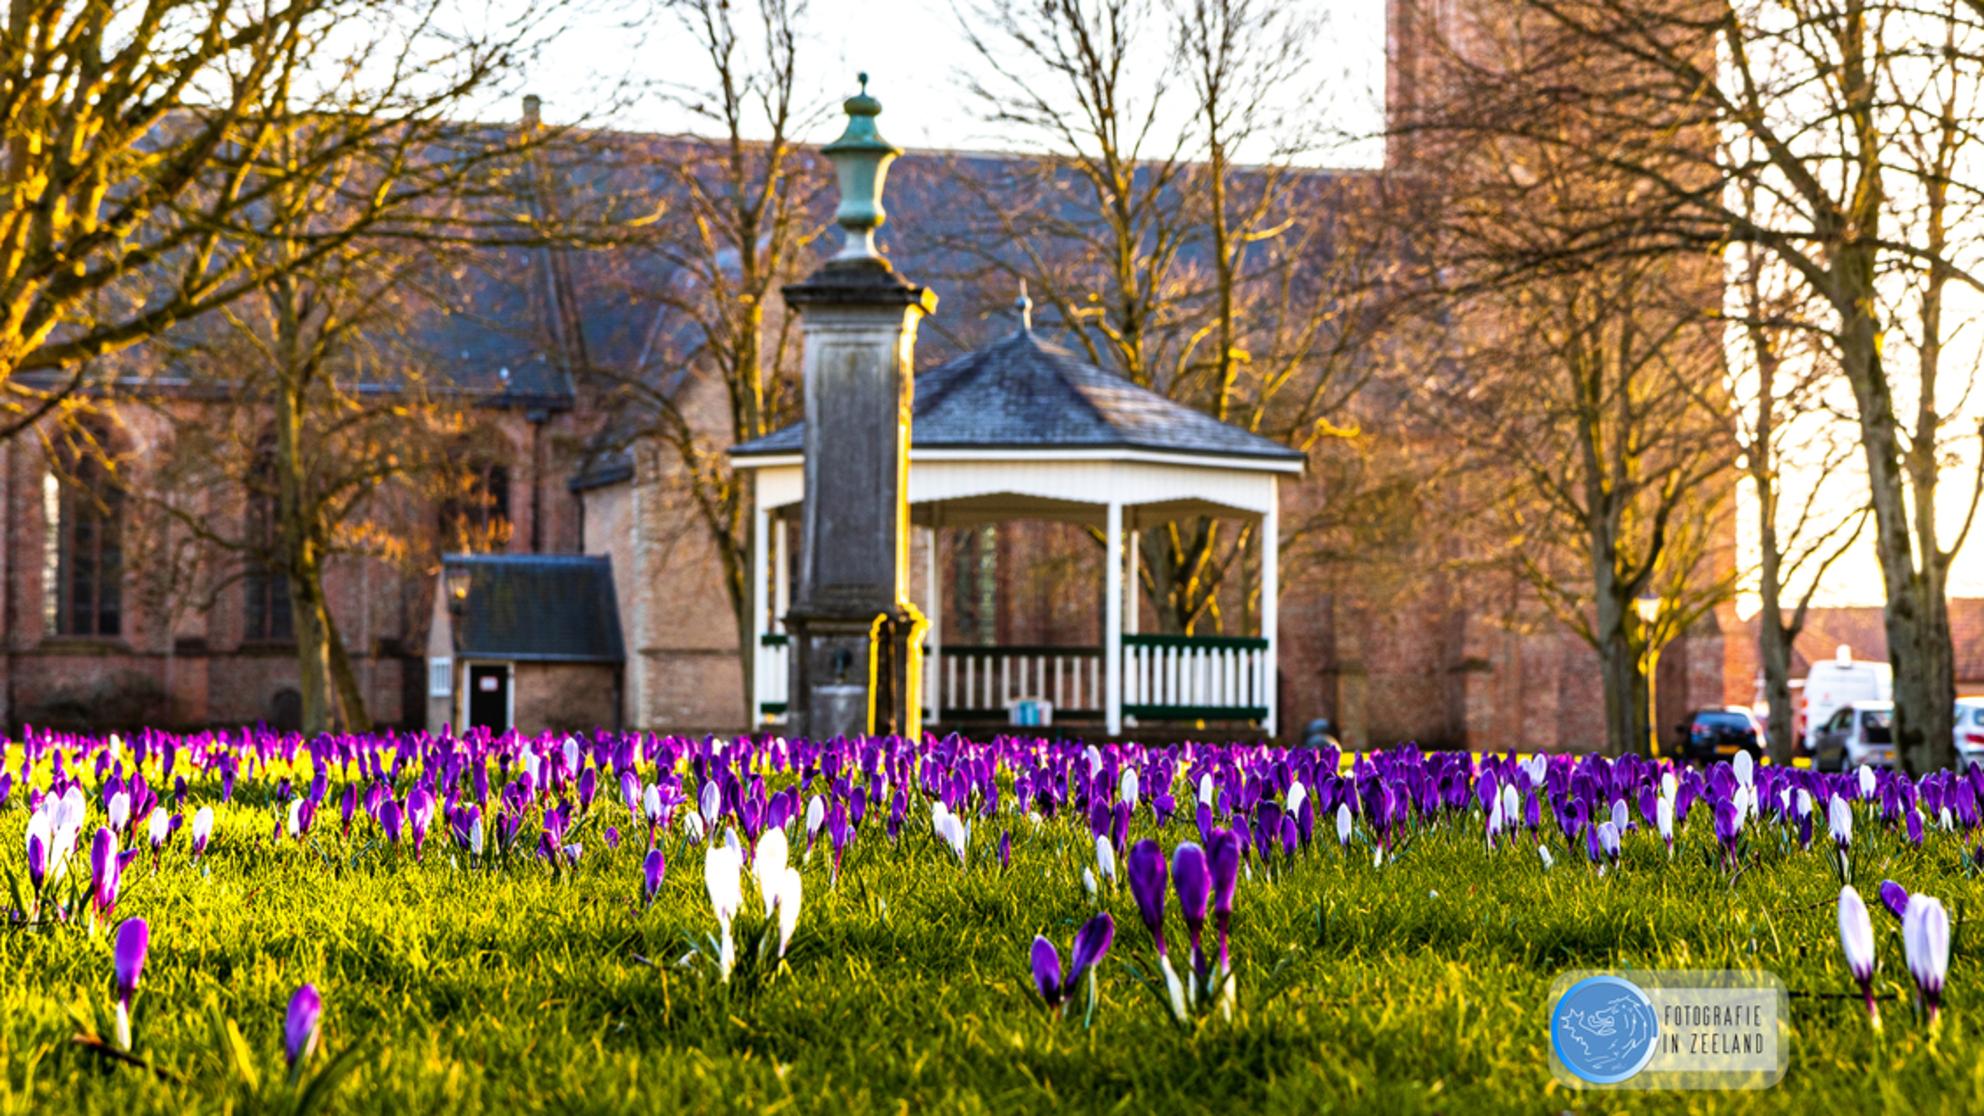 Krokussen - - - foto door KDW-Fotografie op 27-02-2021 - deze foto bevat: groen, zon, bloem, lente, natuur, licht, zonsondergang, tegenlicht, voorjaar, nederland - Deze foto mag gebruikt worden in een Zoom.nl publicatie